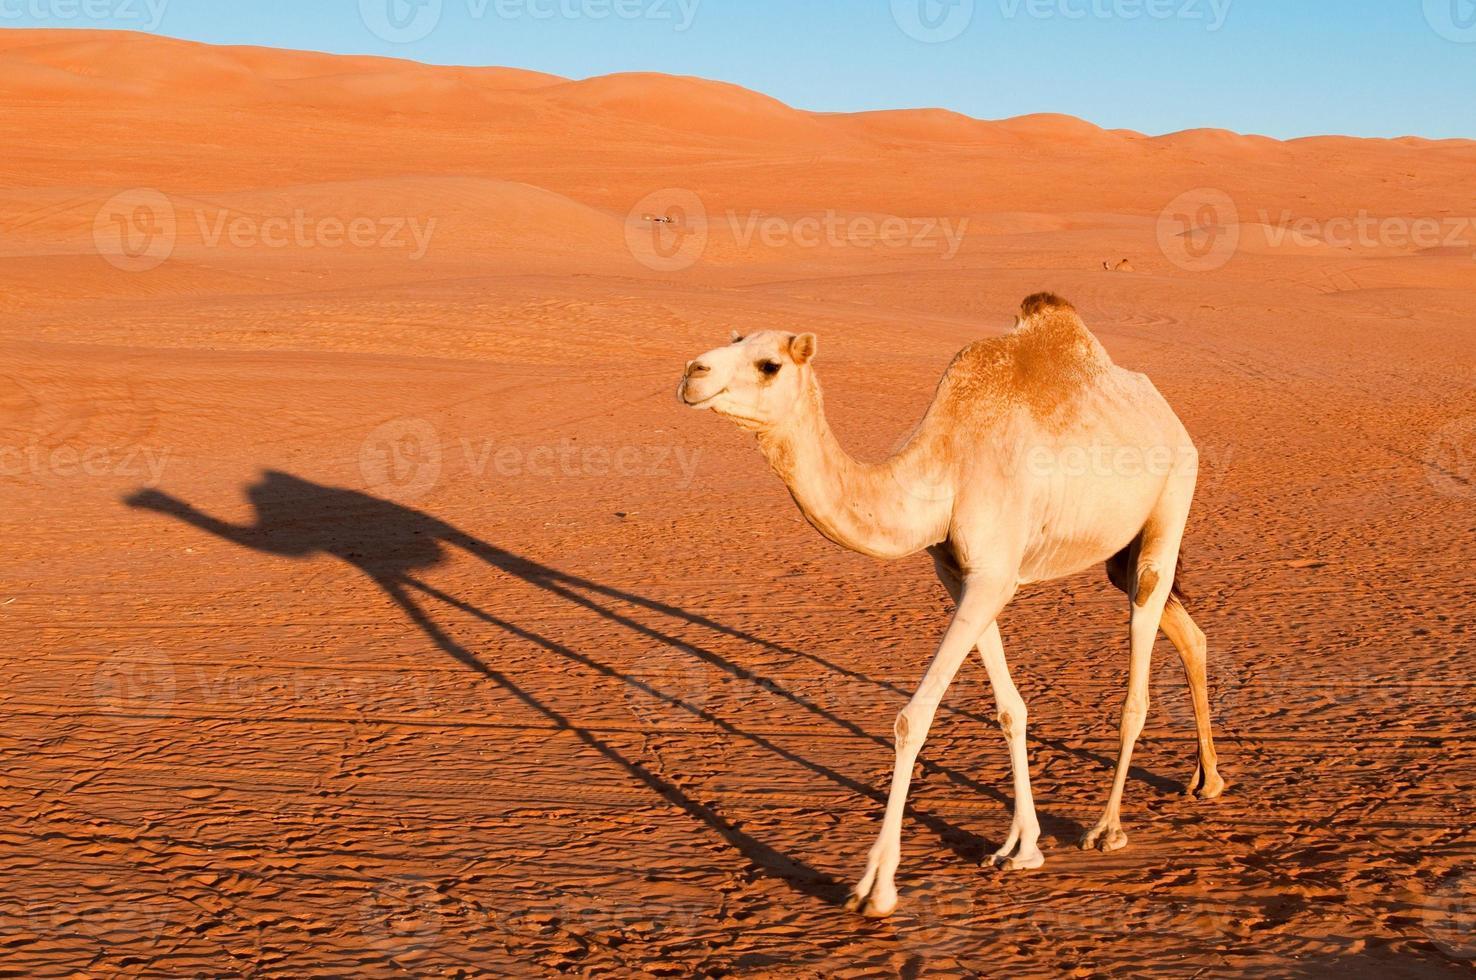 kameel in de woestijn foto